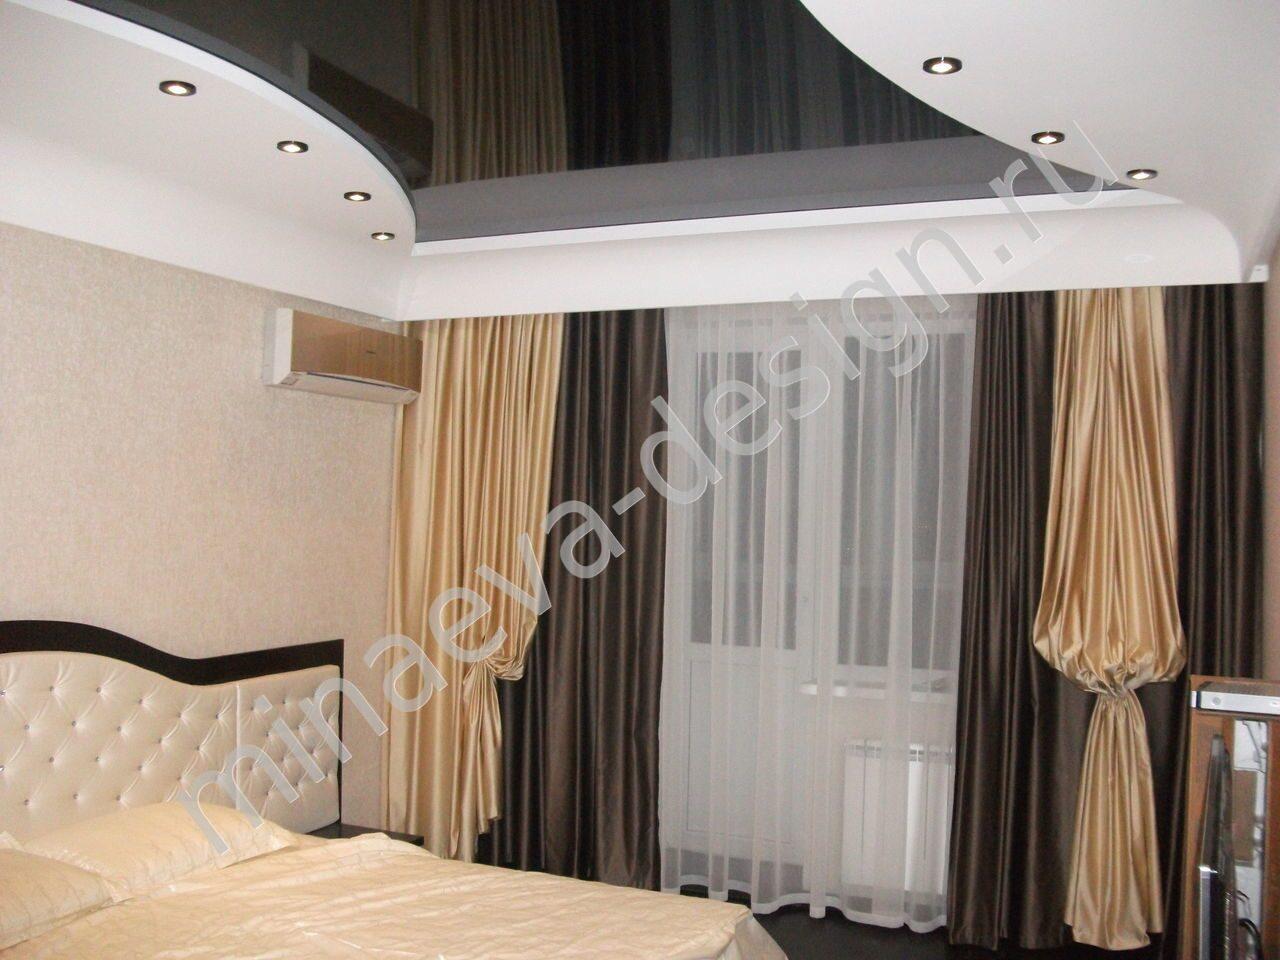 комплект для спальни шторы покрывало шторы 2014 шторы фото 2014